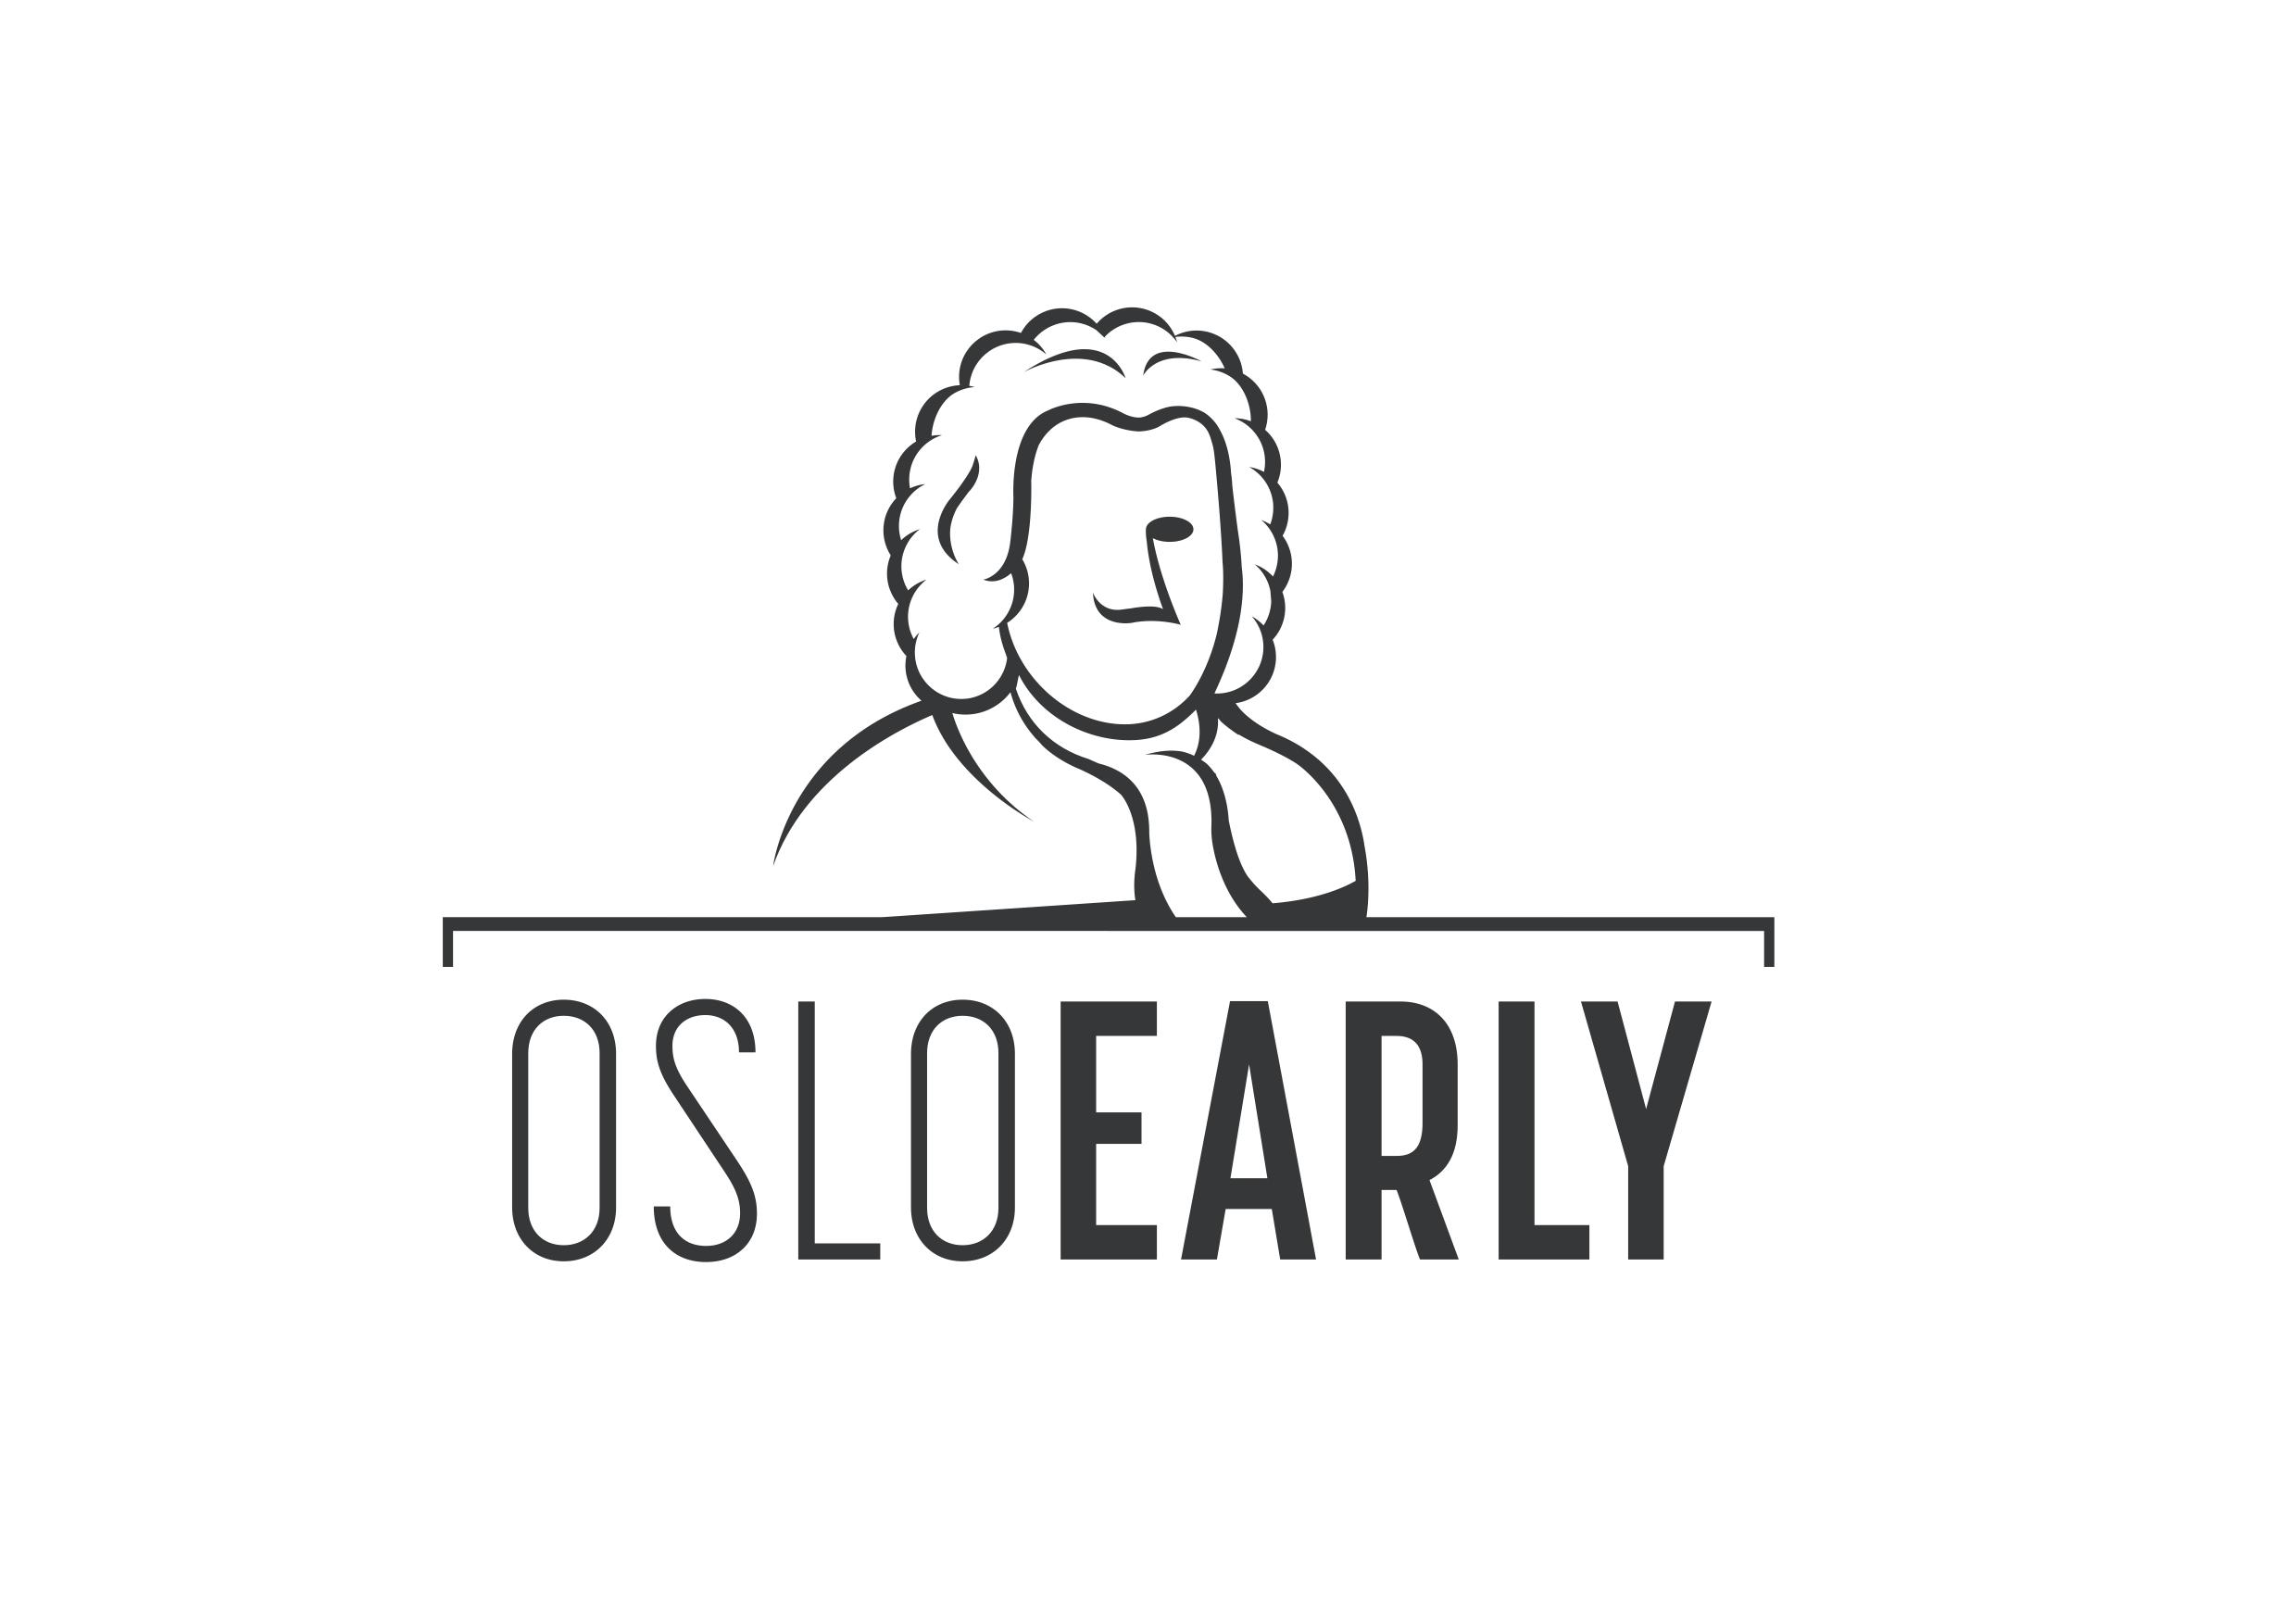 Oslo early logo